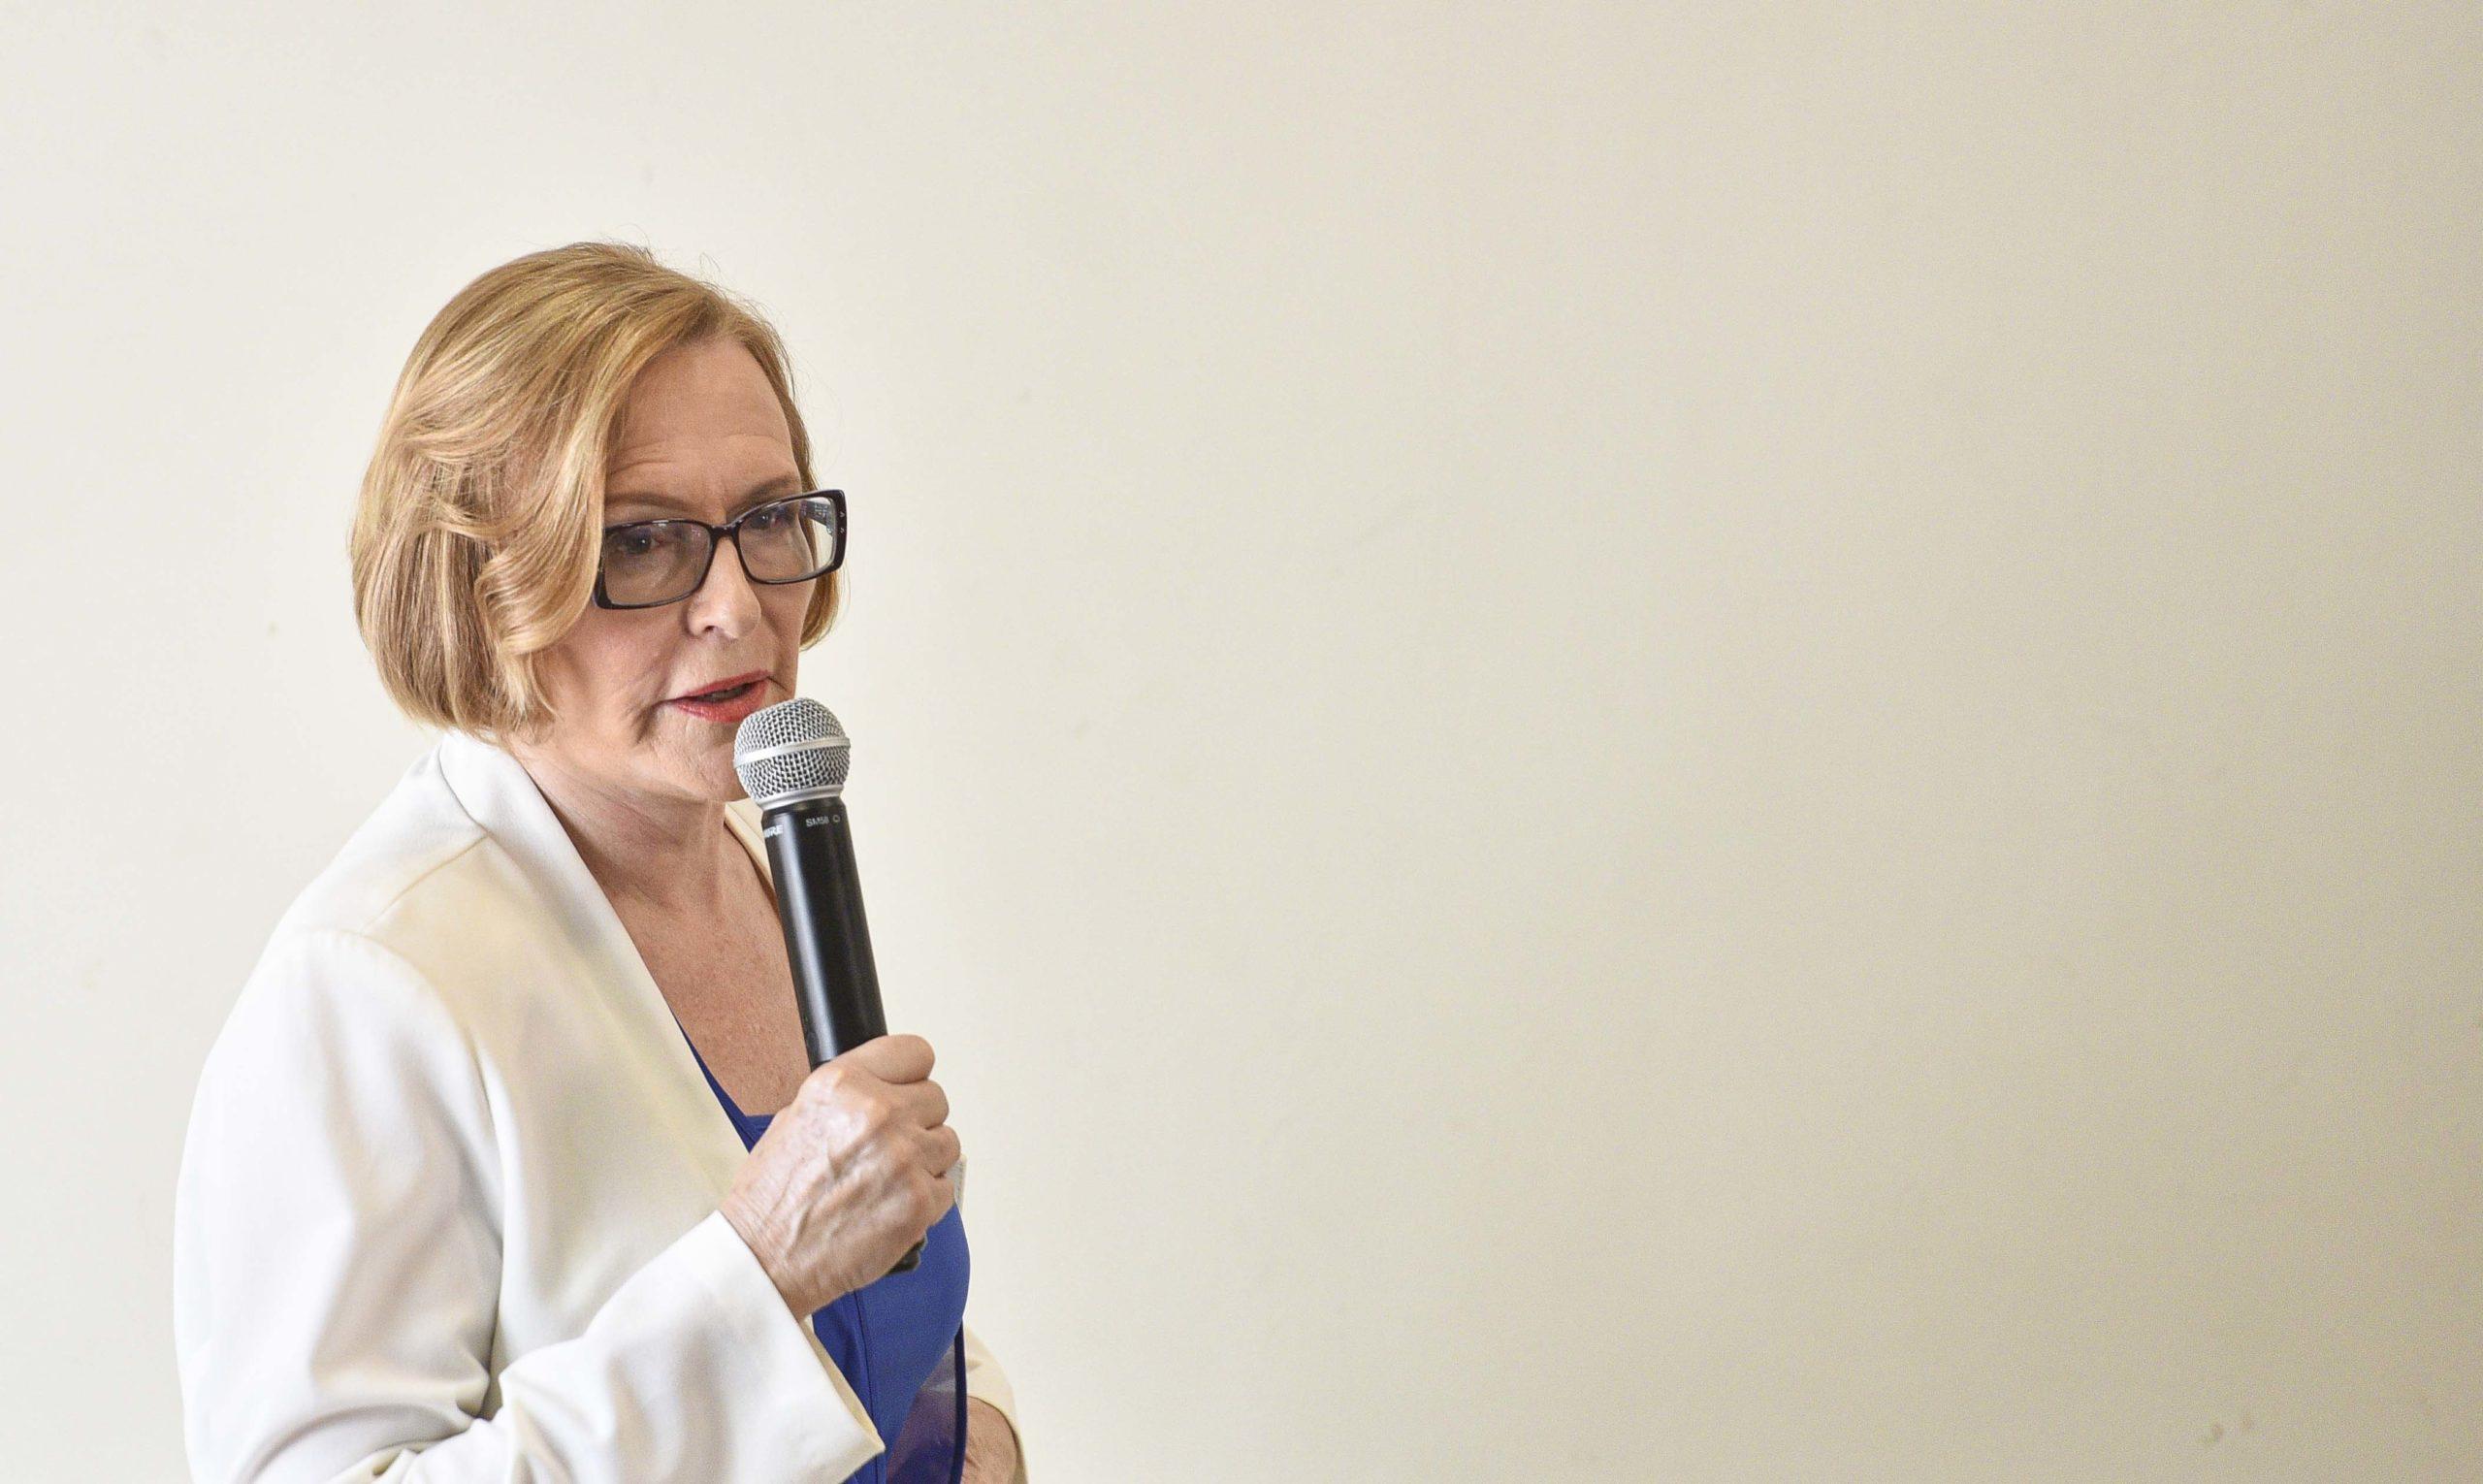 DA Federal Council Chairperson Helen Zille